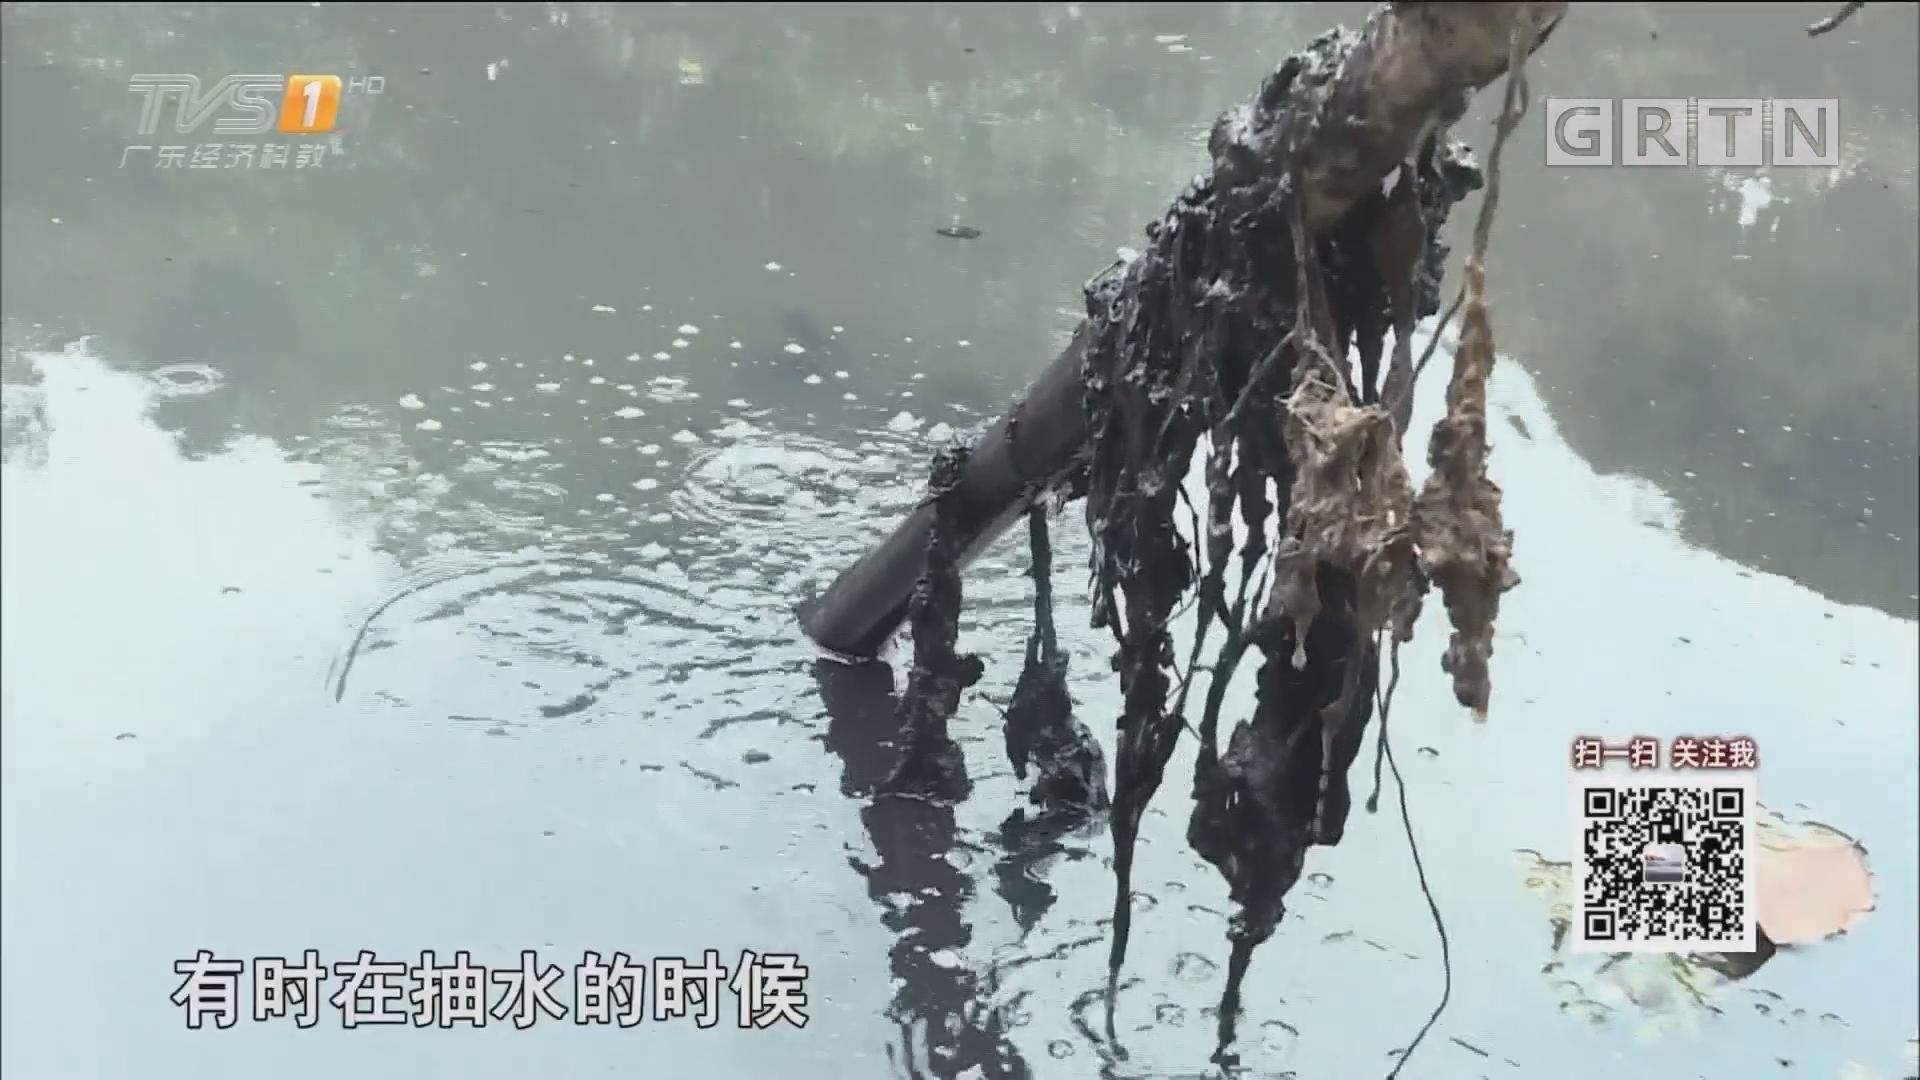 新闻调查:东莞寮步塘唇涌黑臭无比 村民苦不堪言